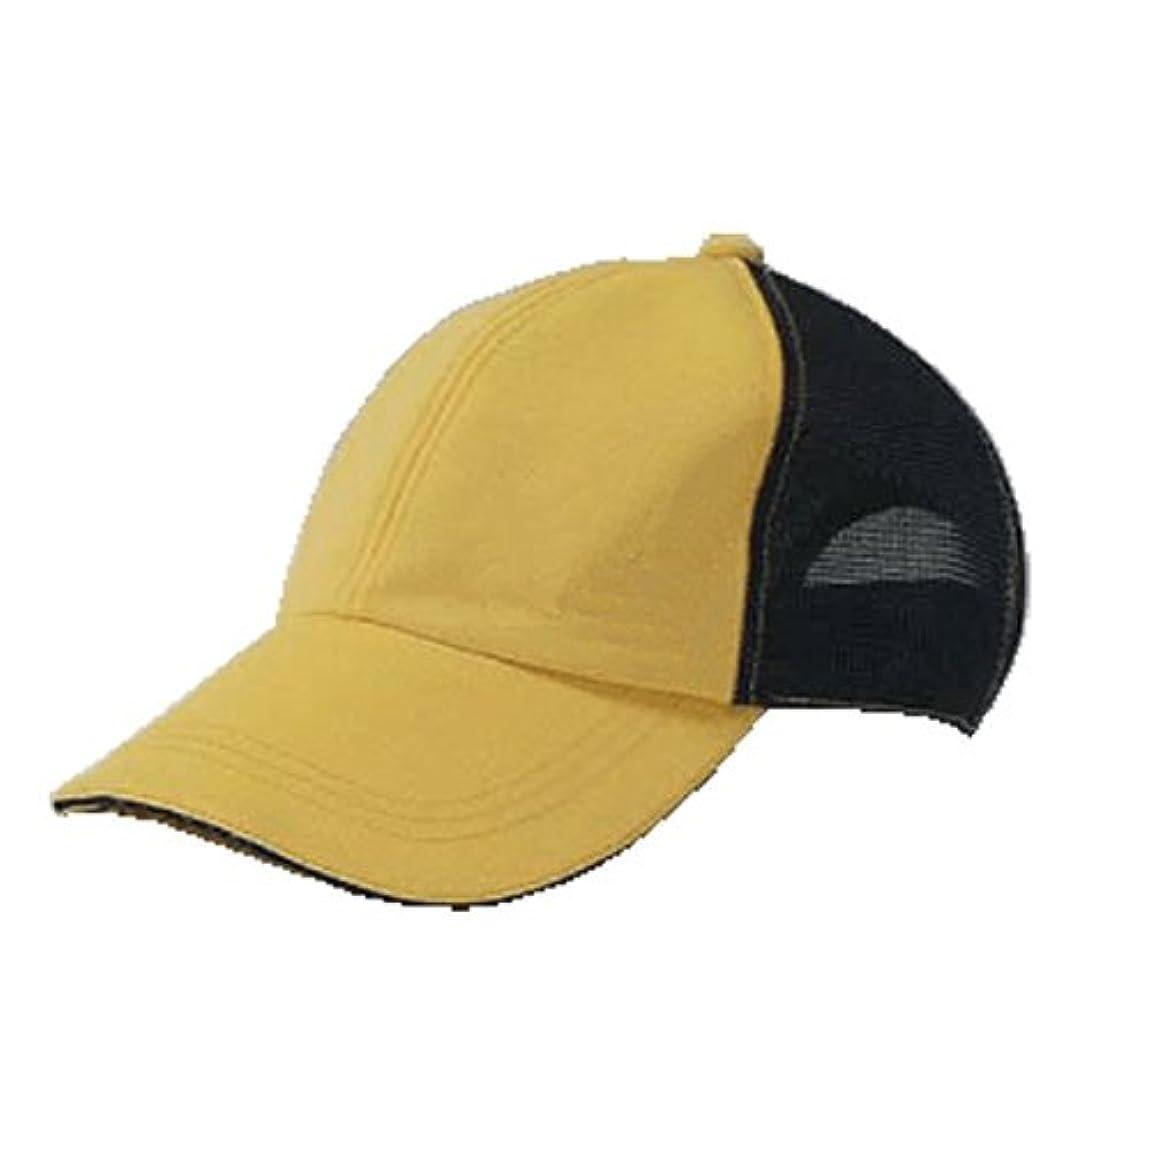 再開まあ切り下げLEDライト付き帽子 TERUBO メッシュタイプ 黄/黒